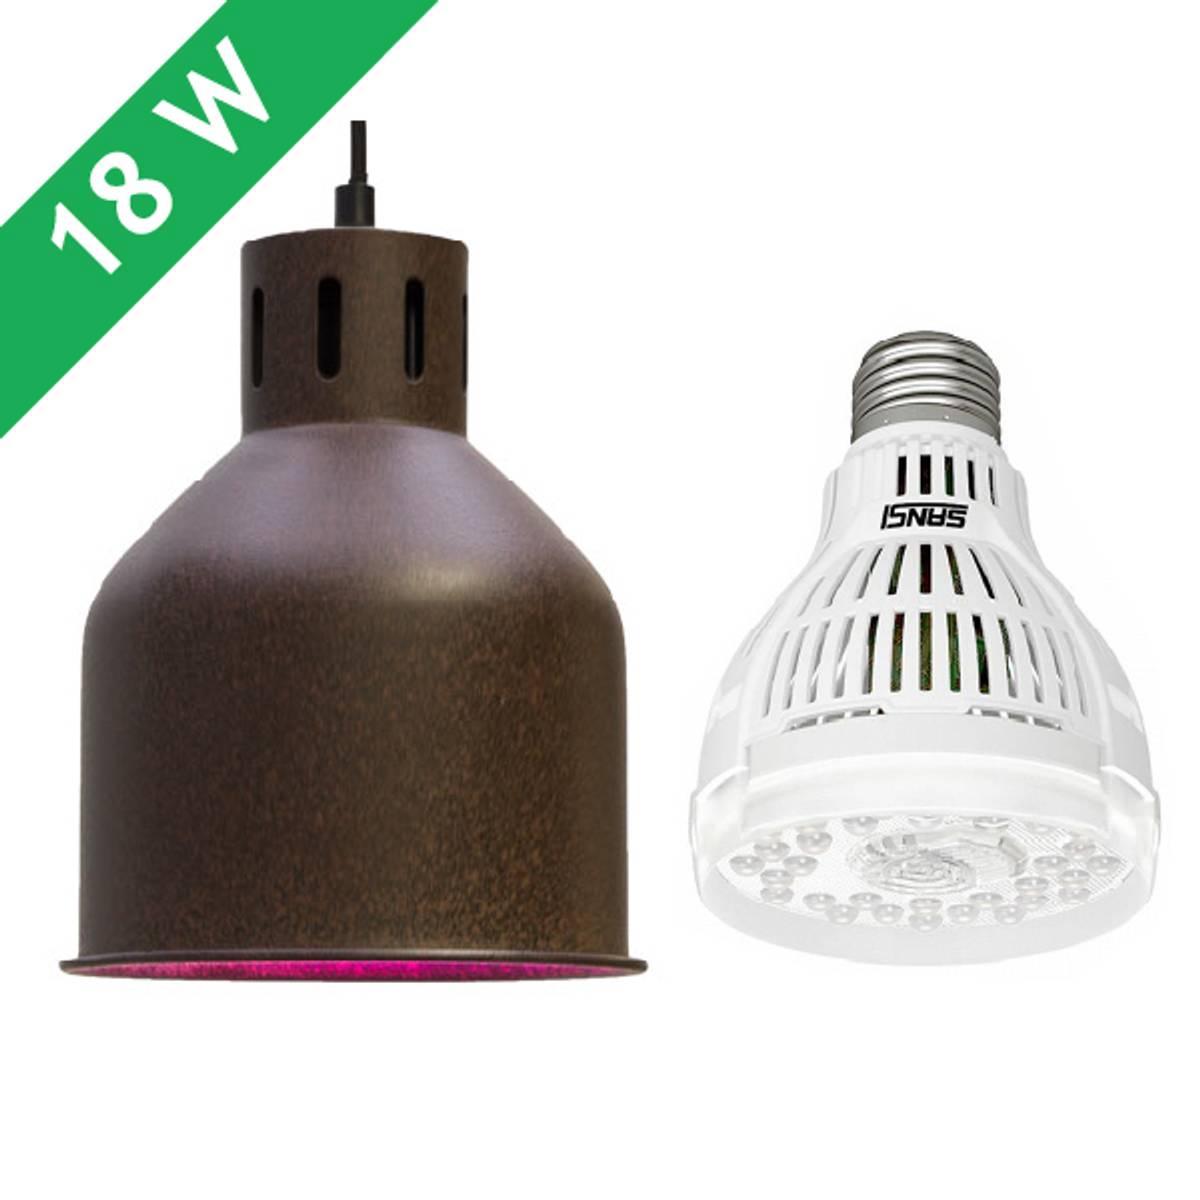 Saga armatur 'rust' med LED-pære 15 W